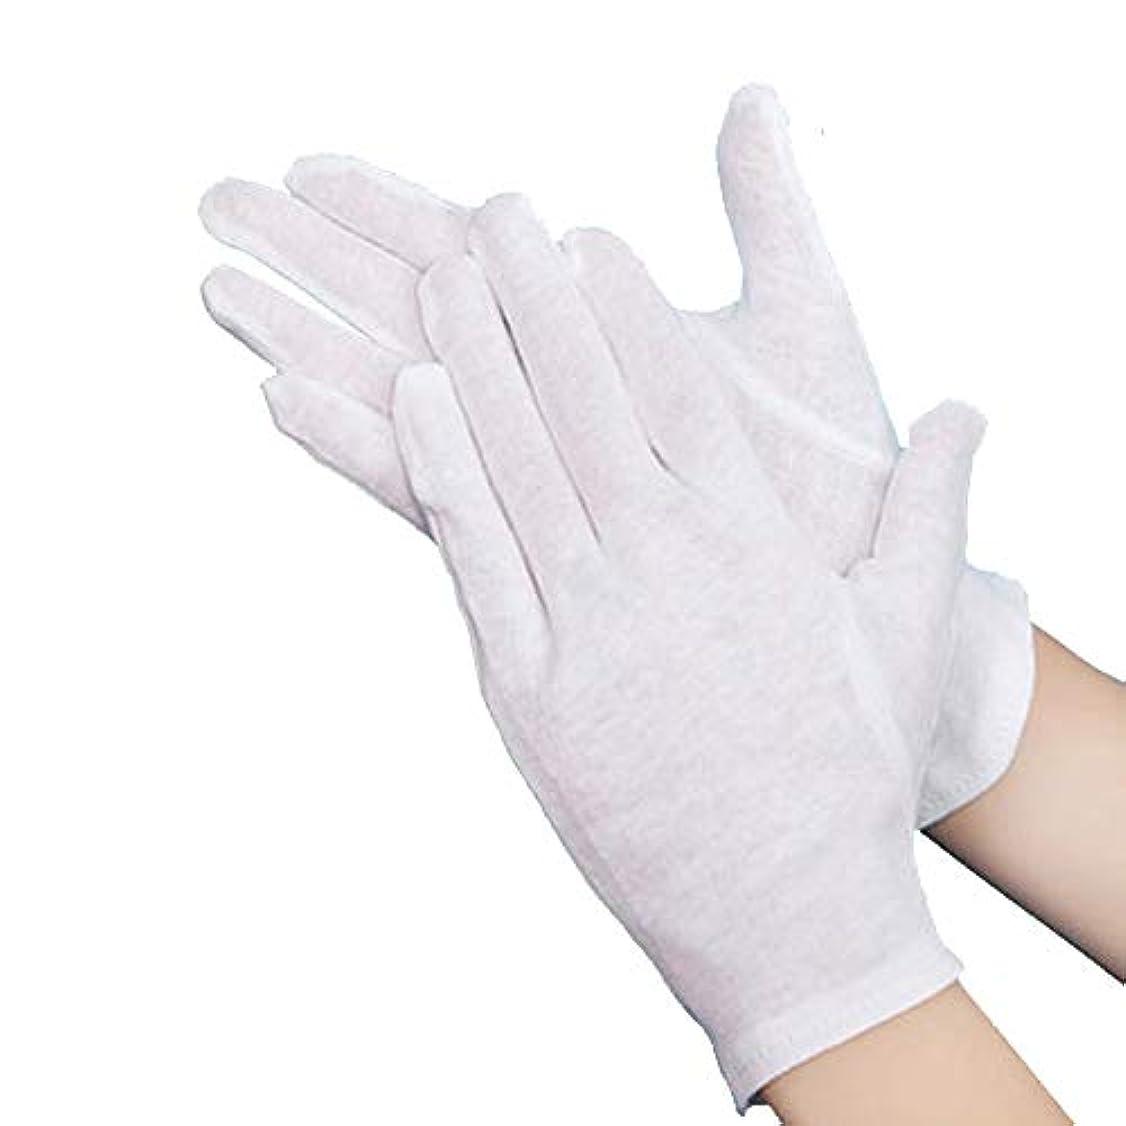 人効果的関与するPROMEDIX綿手袋 純綿100% 通気性 コットン手袋 10双組 (M)